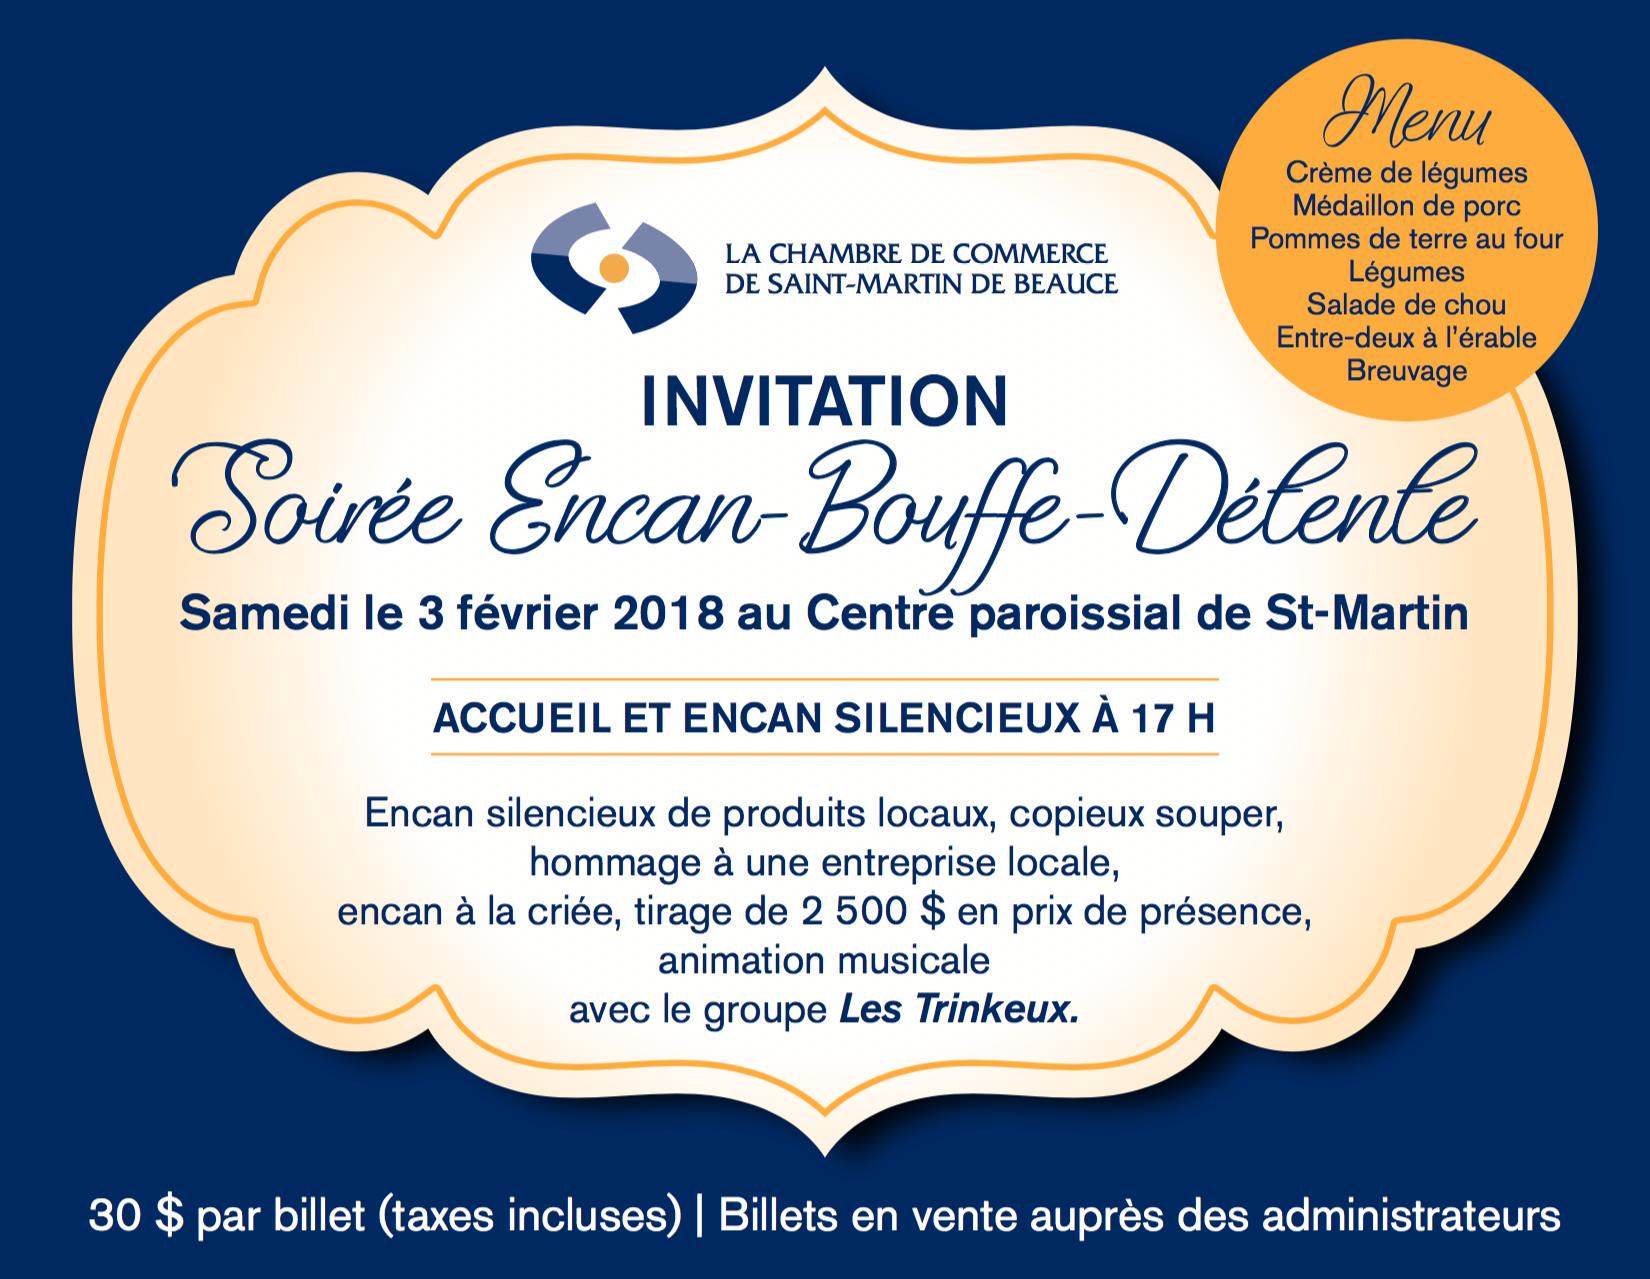 Soirée Encan - La Chambre de Commerce de Saint-Martin de Beauce